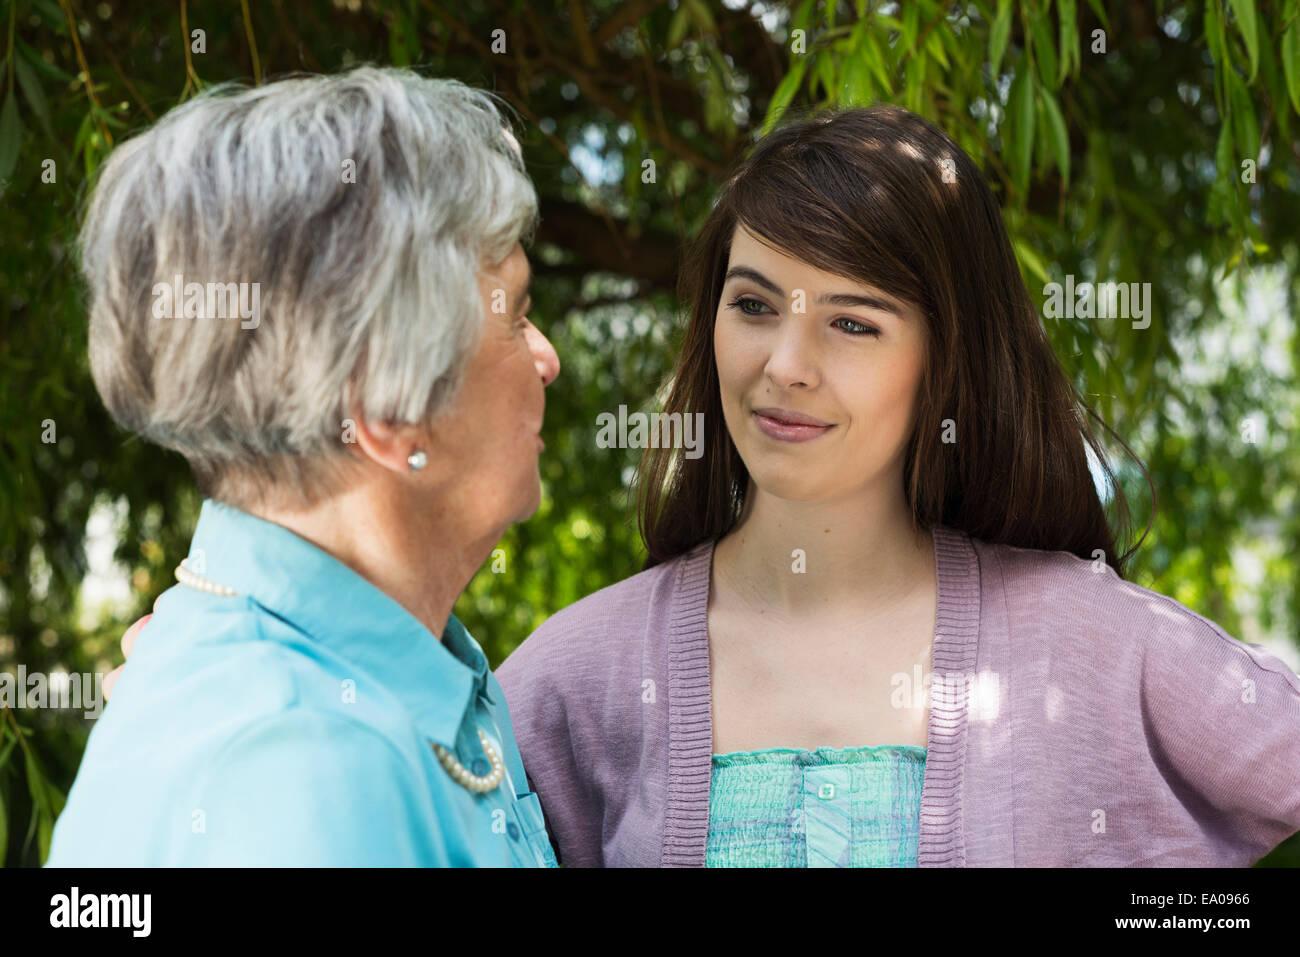 Grand-mère et petite-fille d'avoir conversation dans jardin Photo Stock